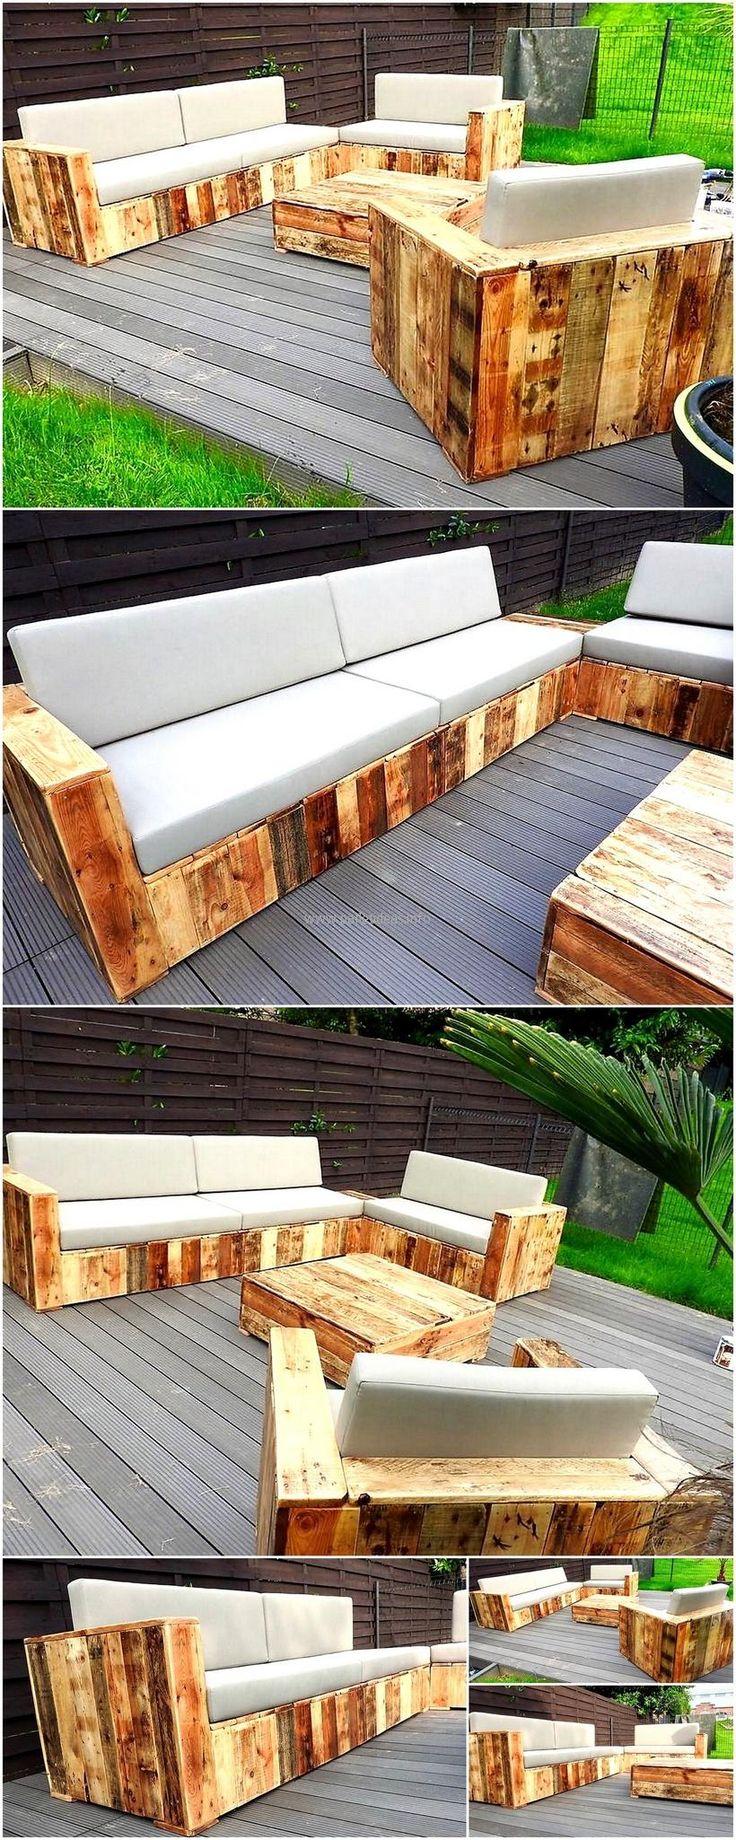 best 25 diy garden furniture ideas on pinterest palet garden furniture pallet garden furniture and pallett garden furniture - Easy Garden Furniture To Make